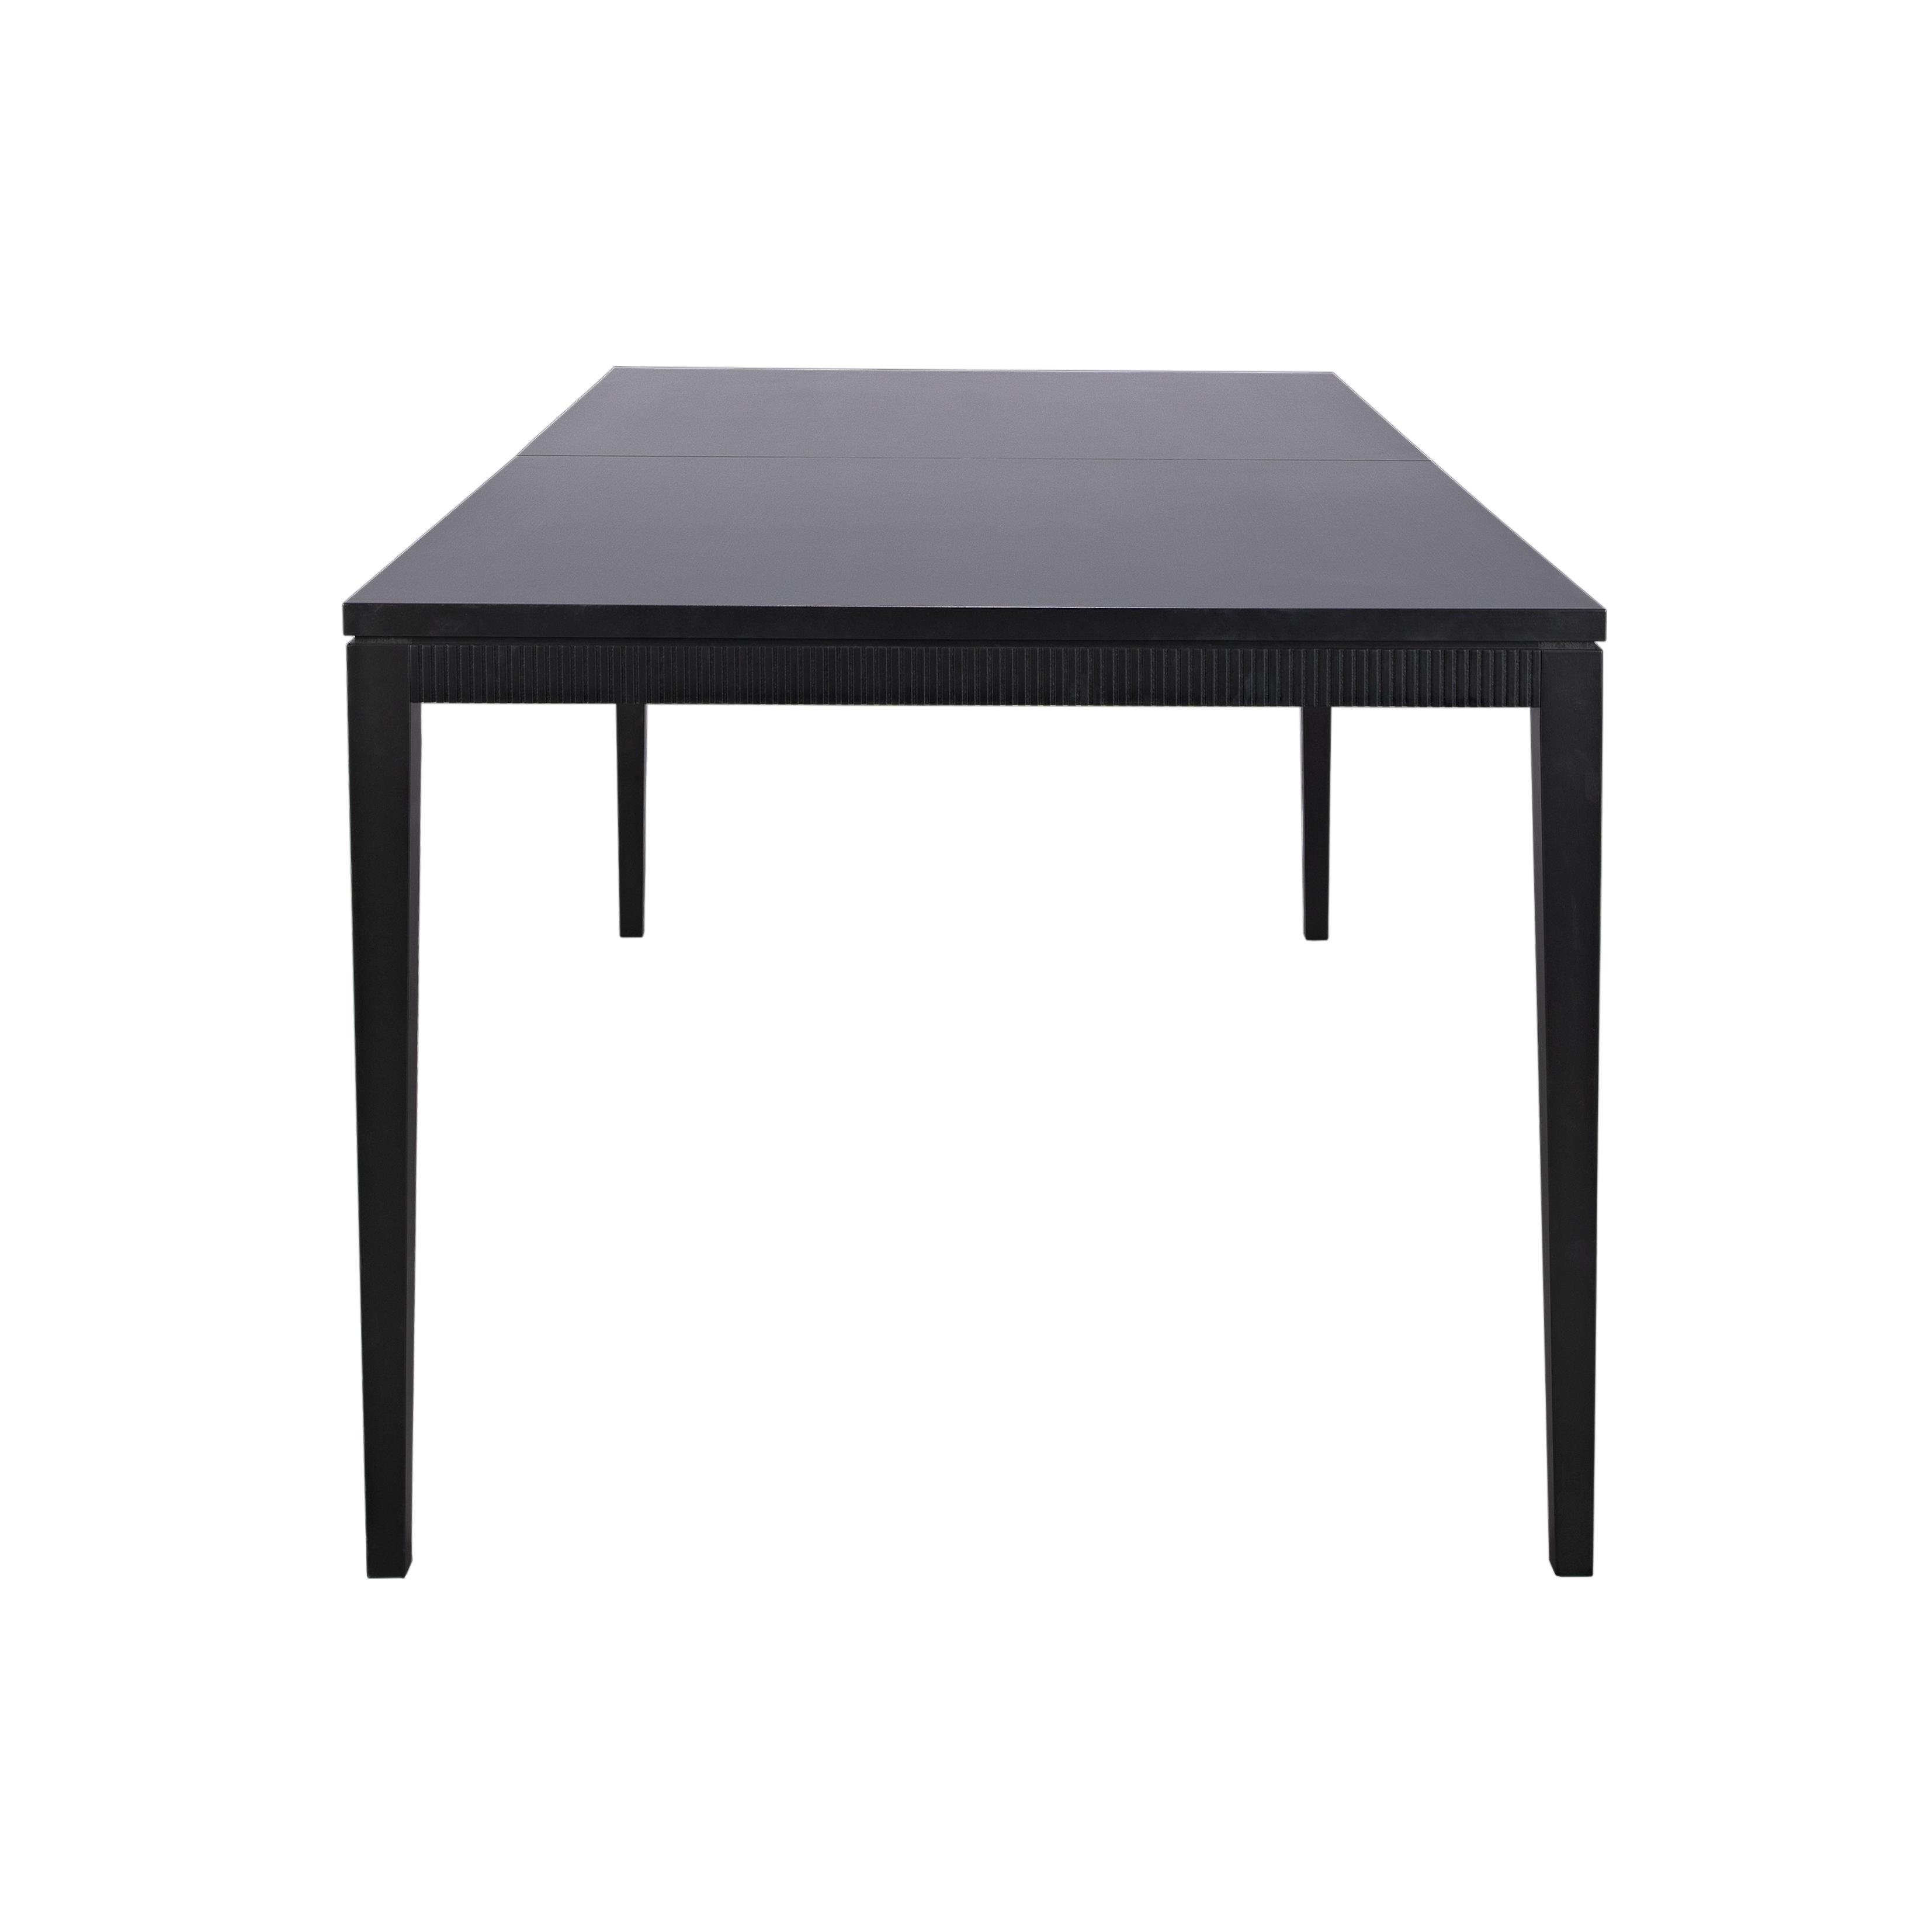 Line Matbord rektangulärt Black från sidan - englesson.se